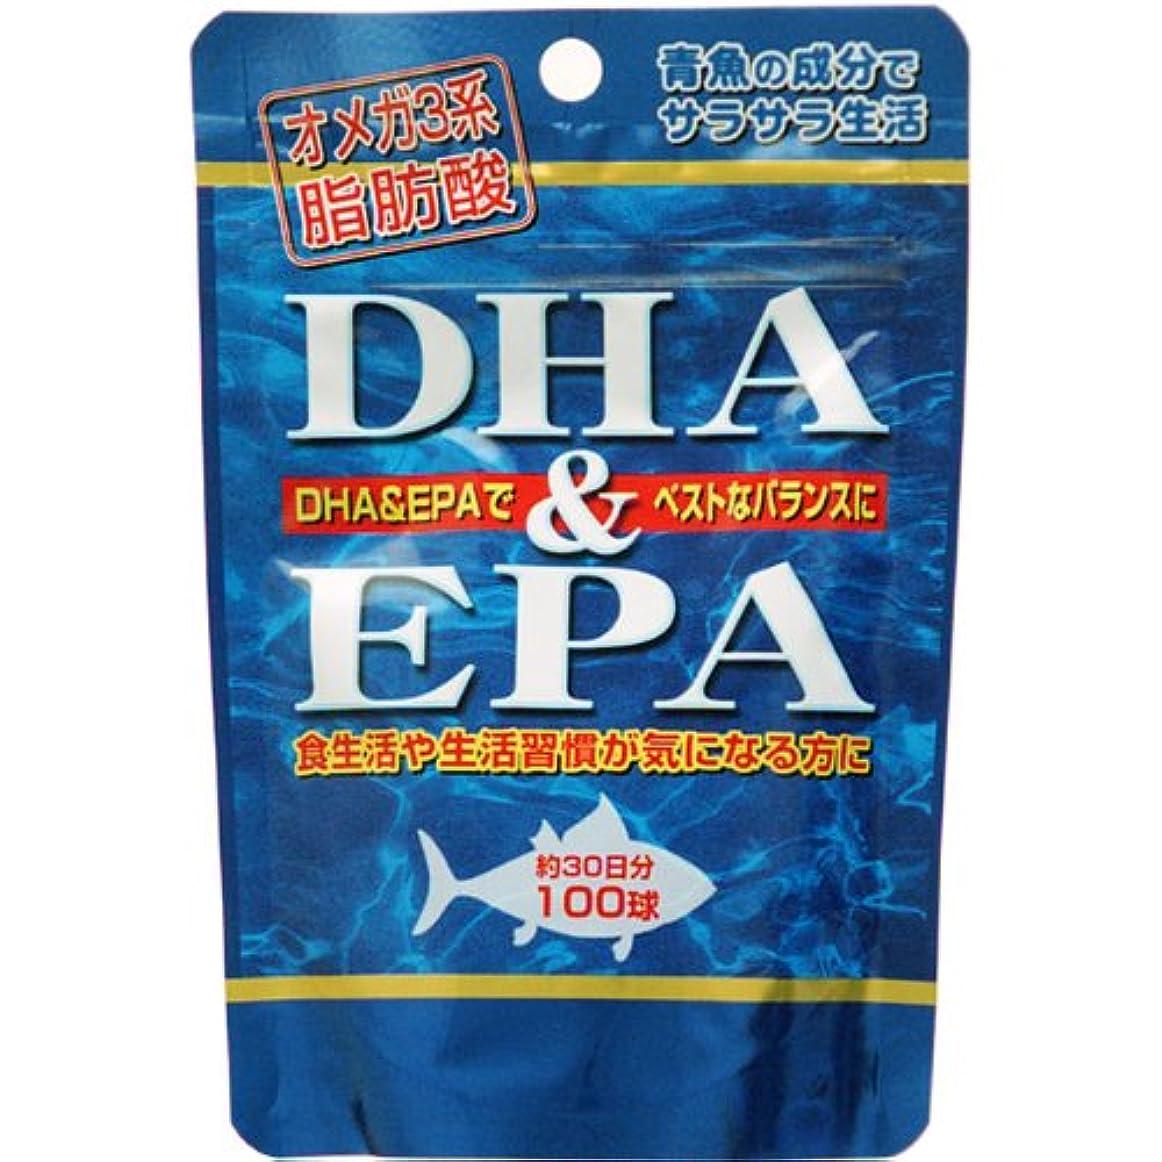 コンクリートボス評判DHA(ドコサヘキサエン酸)&EPA(エイコサペンタエン酸)×2